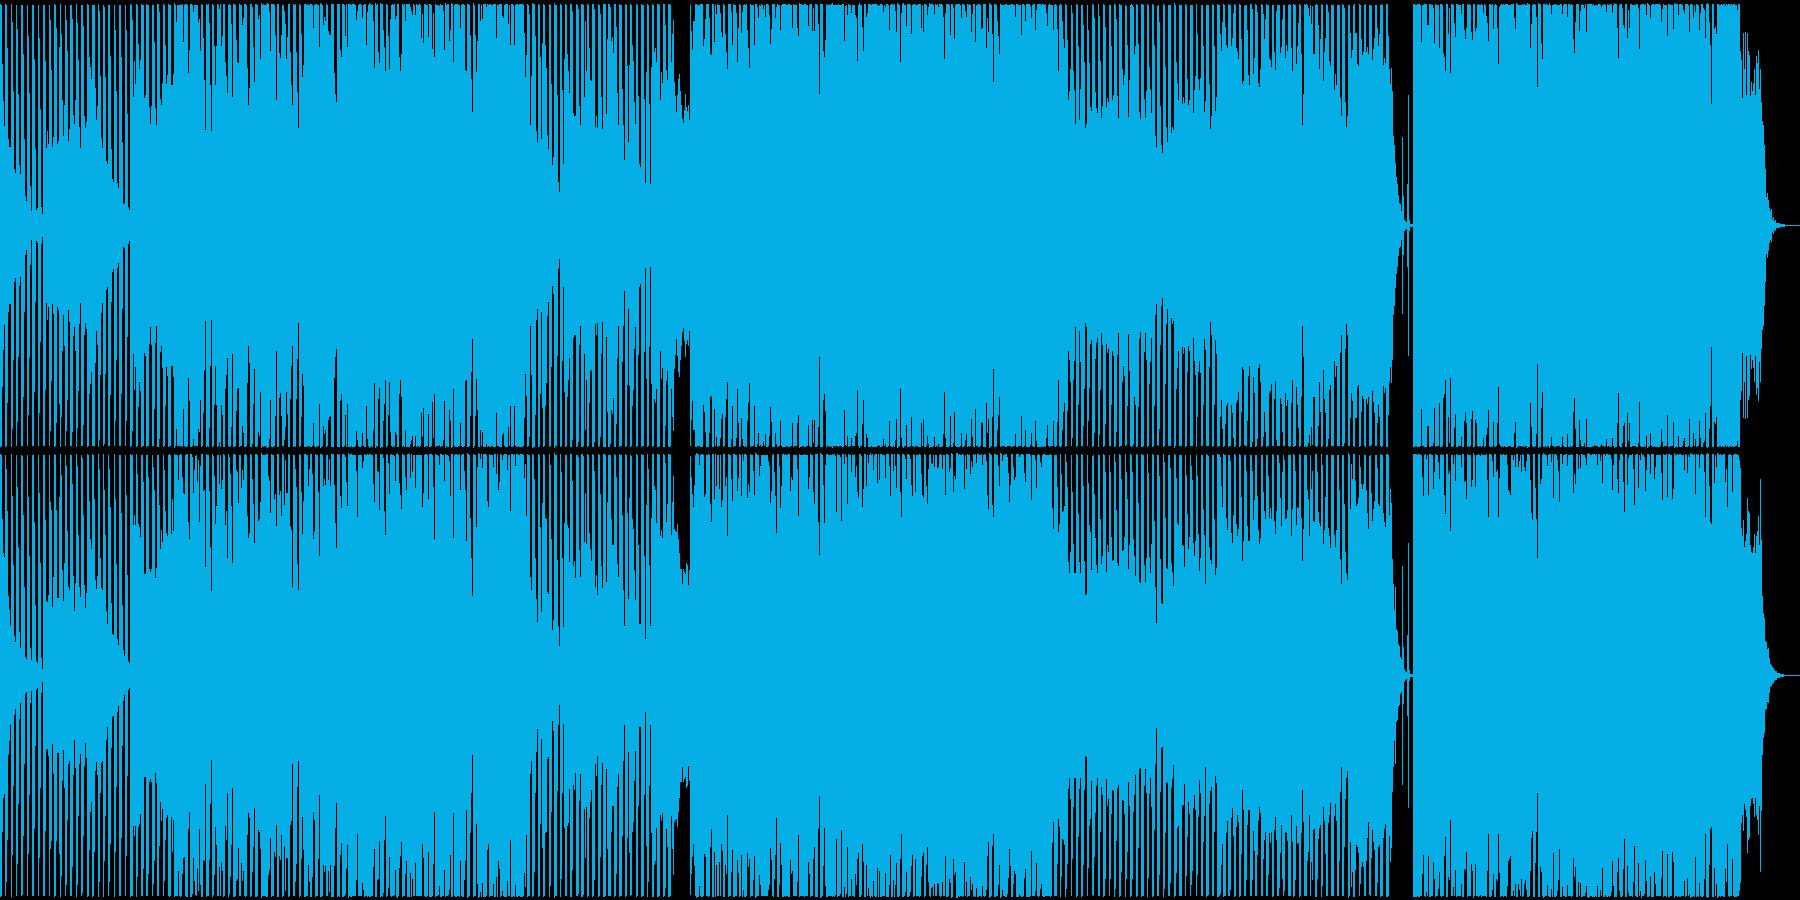 ピアノを主体にした広がりのあるBGMの再生済みの波形